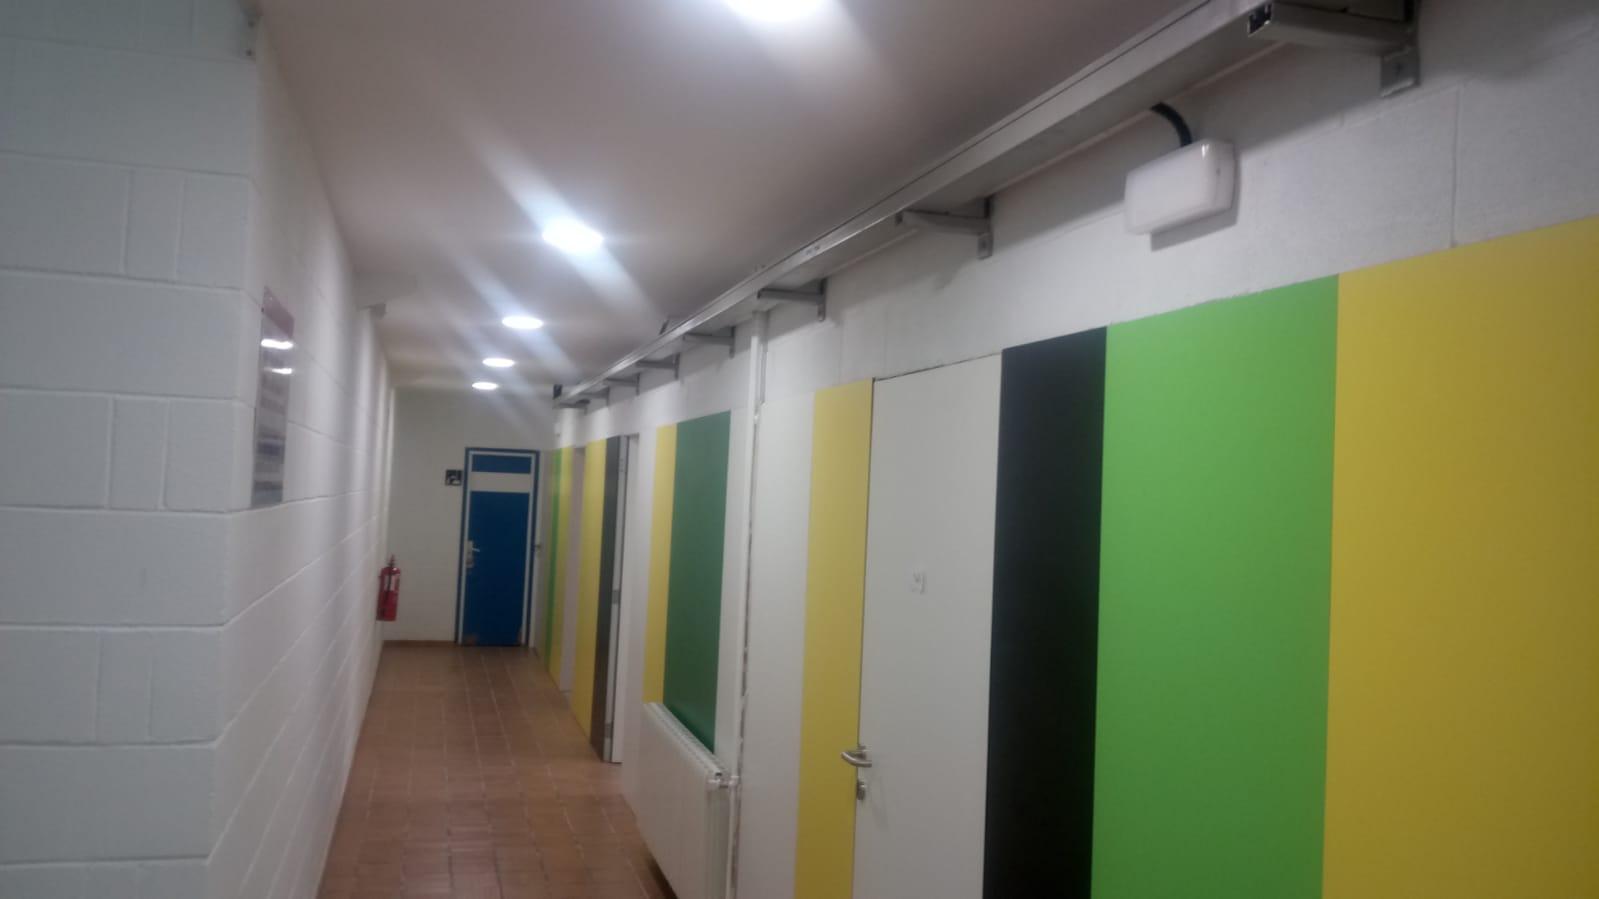 Finalitzat l'edifici de serveis de la zona esportiva i la renovació de vestidors del pavelló de Roses